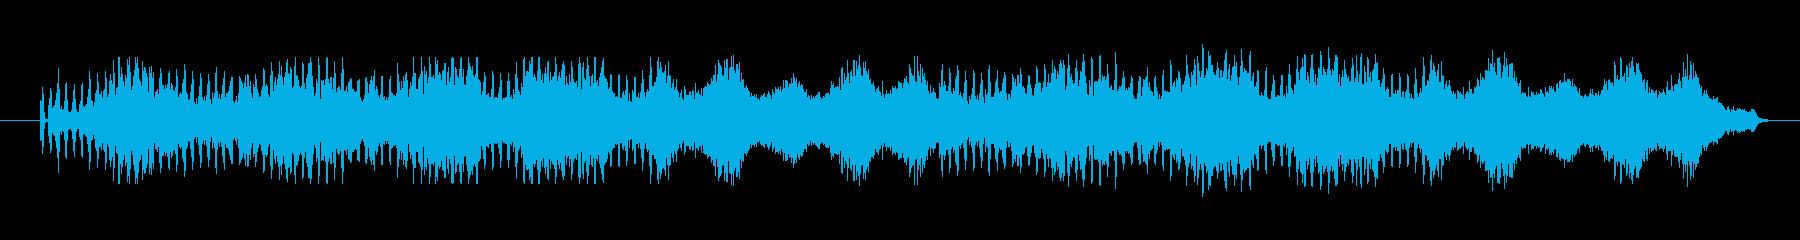 響きにインパクトあって独特なメロディーの再生済みの波形